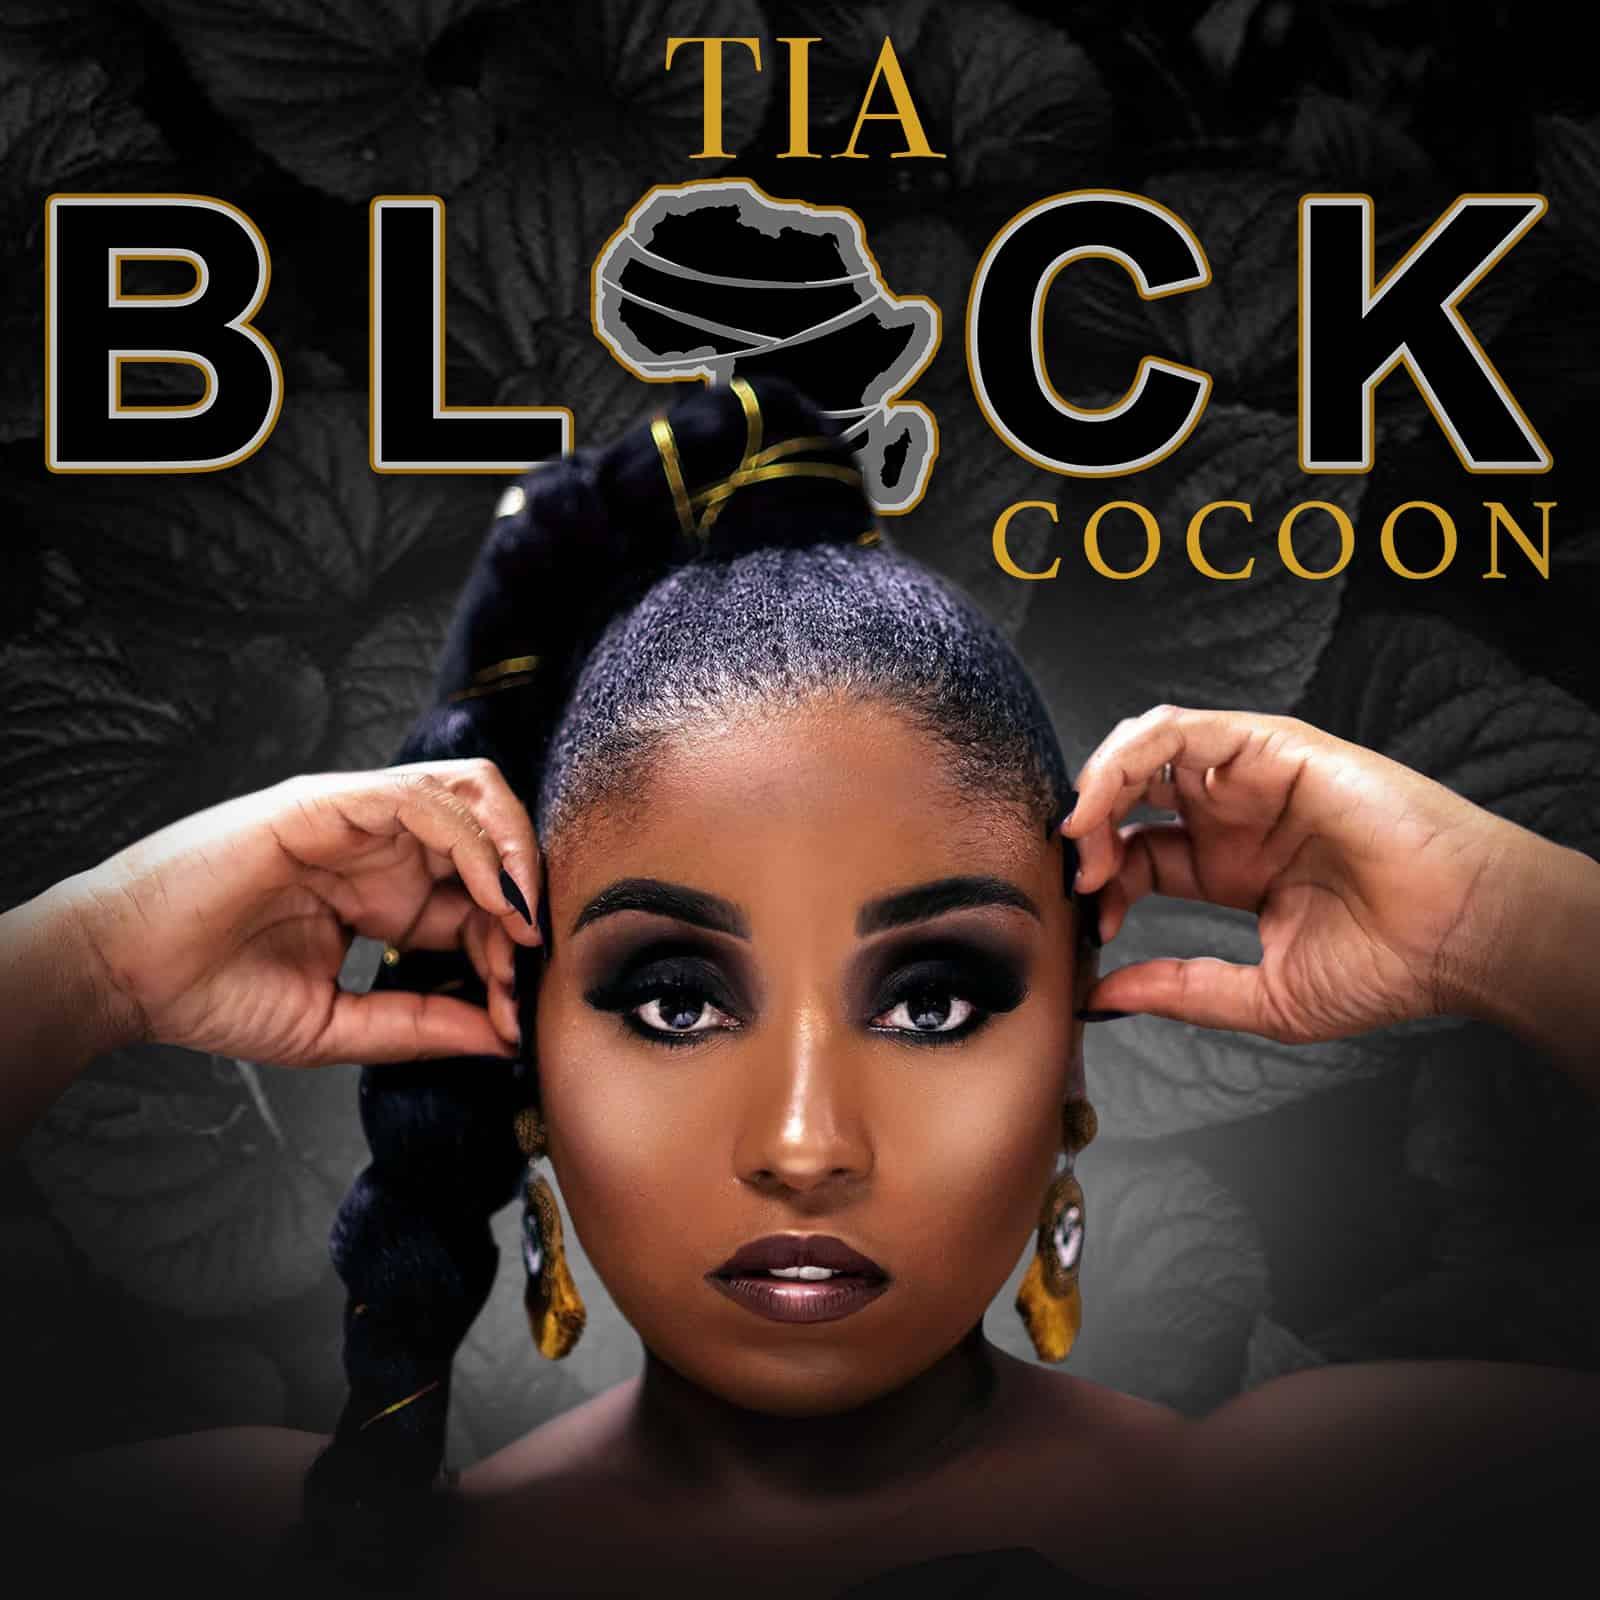 Tia - Black Cocoon - Troyton Music